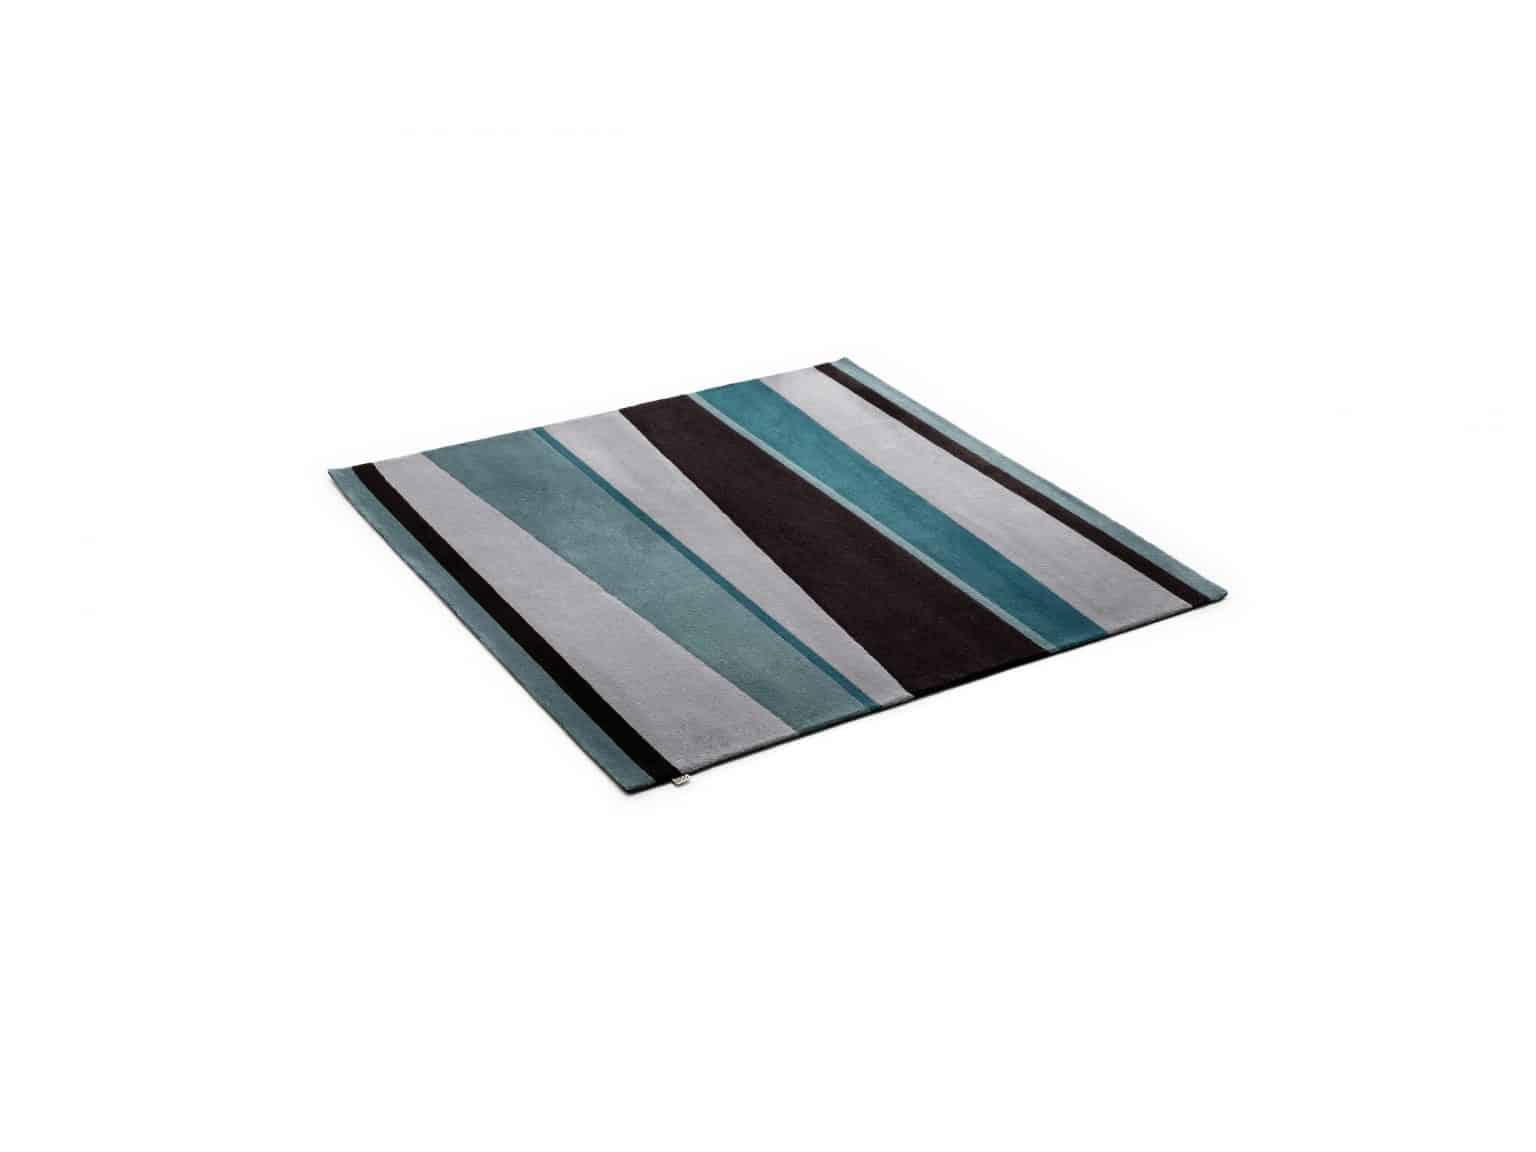 Rolf benz tapijt 7150 pa